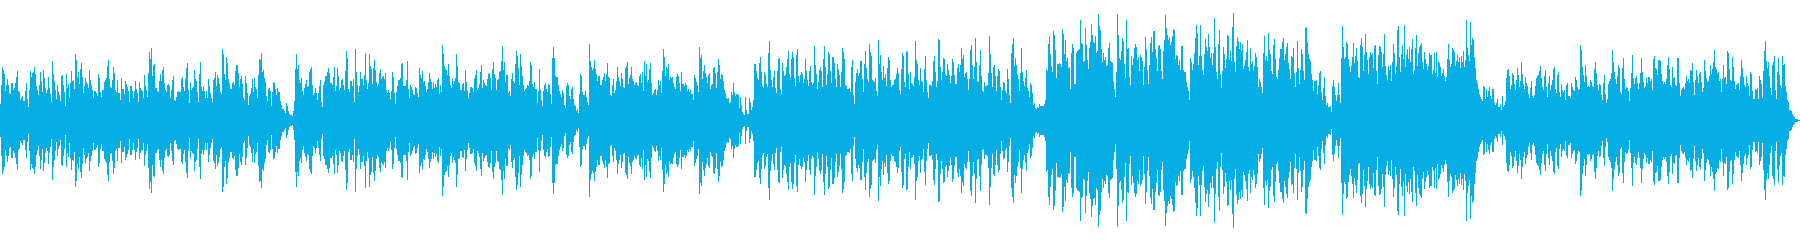 中近東感ある壮大なハロウィンオーケストラの再生済みの波形